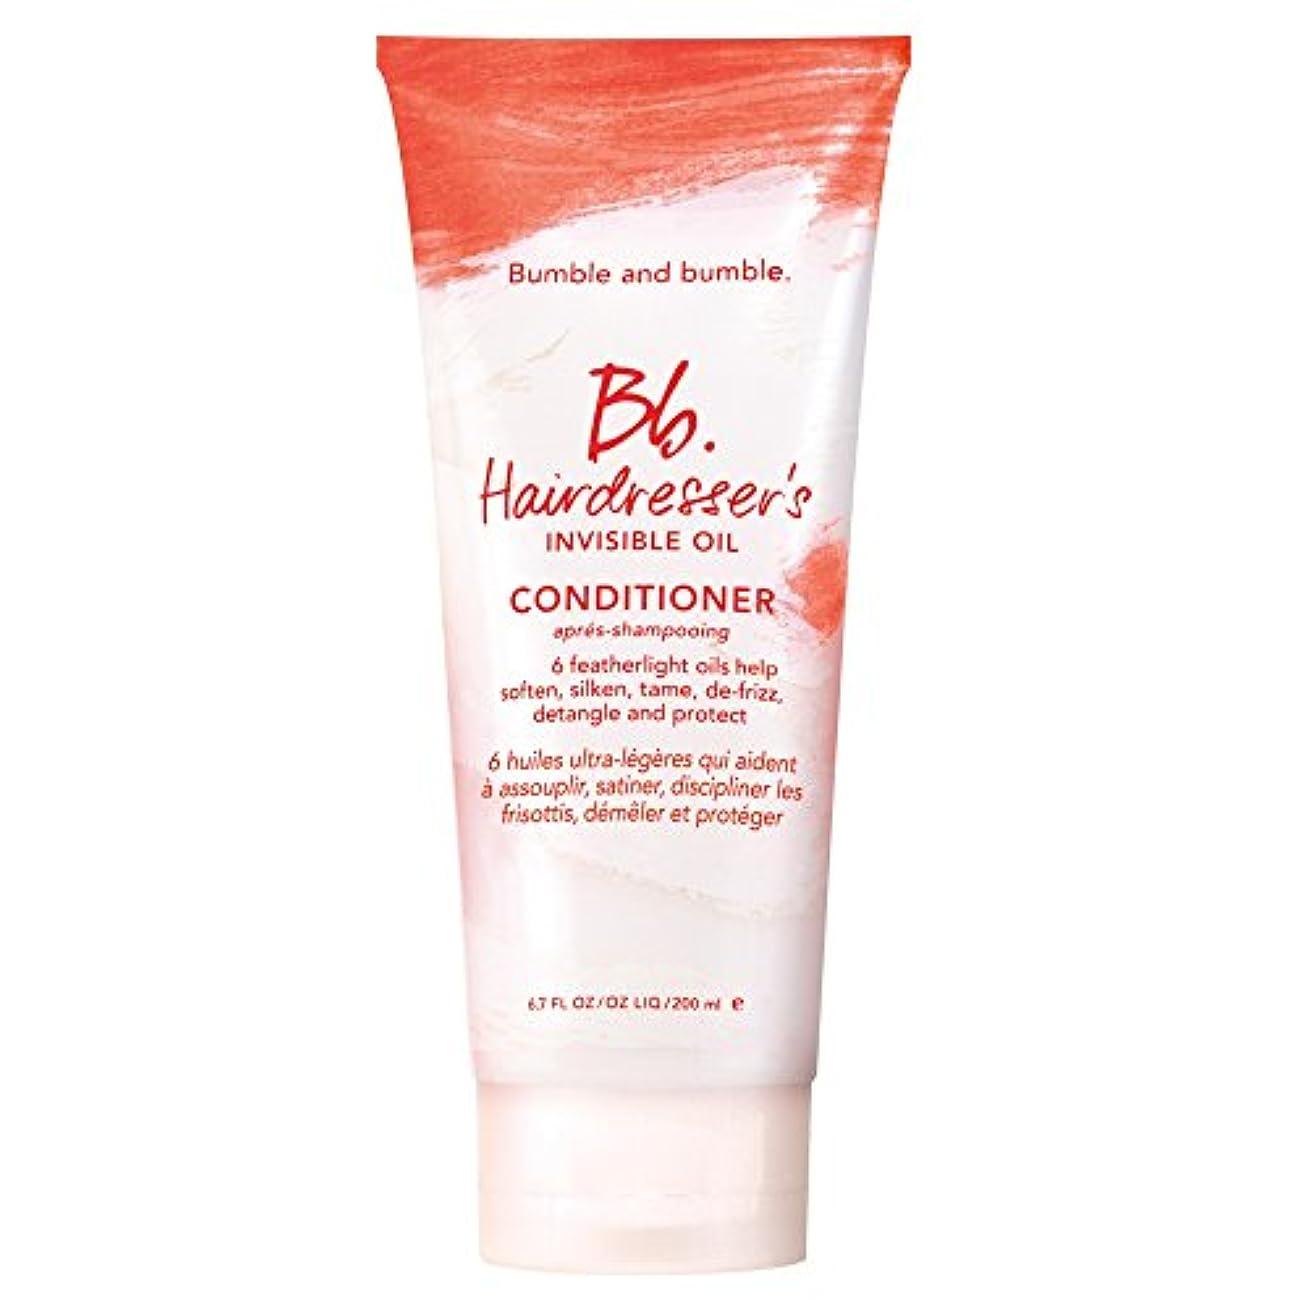 器具ロッジヶ月目バンブルアンドバンブル美容見えないオイルコンディショナー200ミリリットル (Bumble and bumble) (x6) - Bumble and bumble Hairdressers invisible oil...